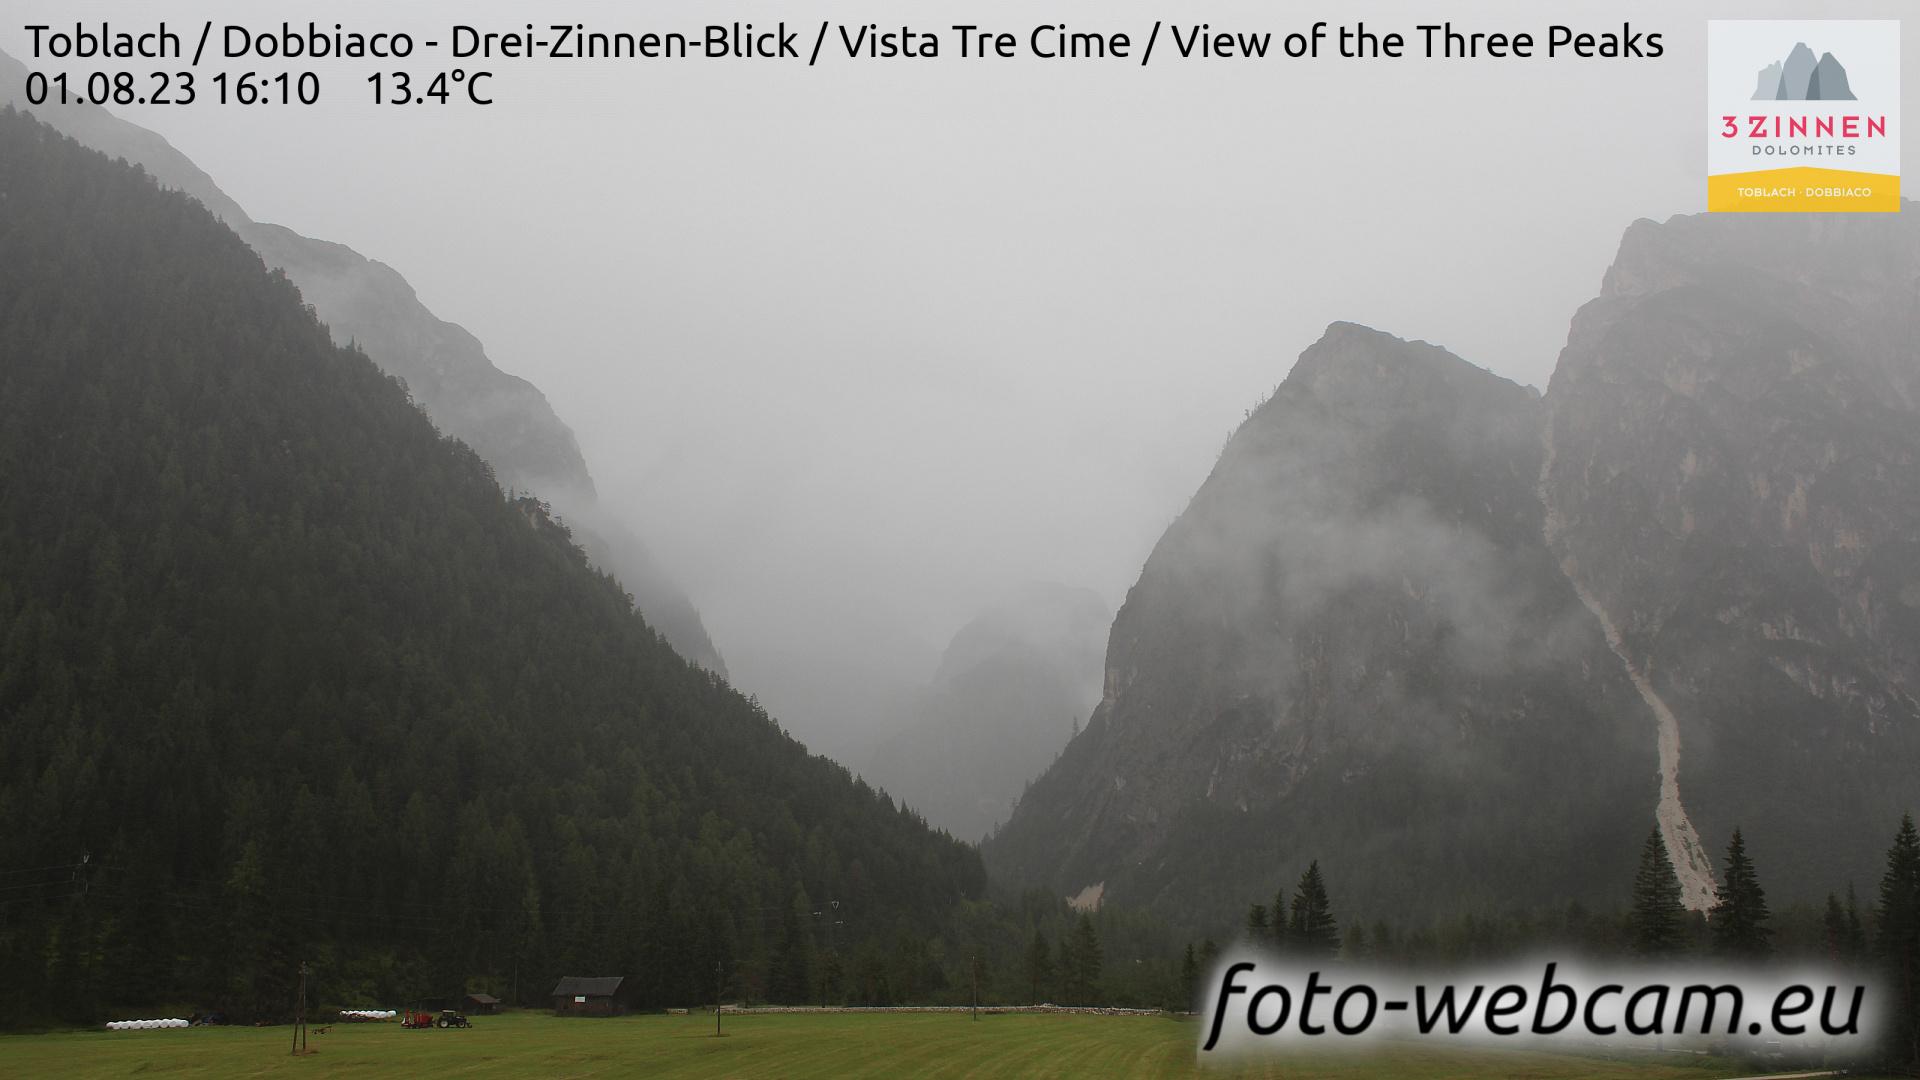 Toblach (Dolomites) Mon. 16:27